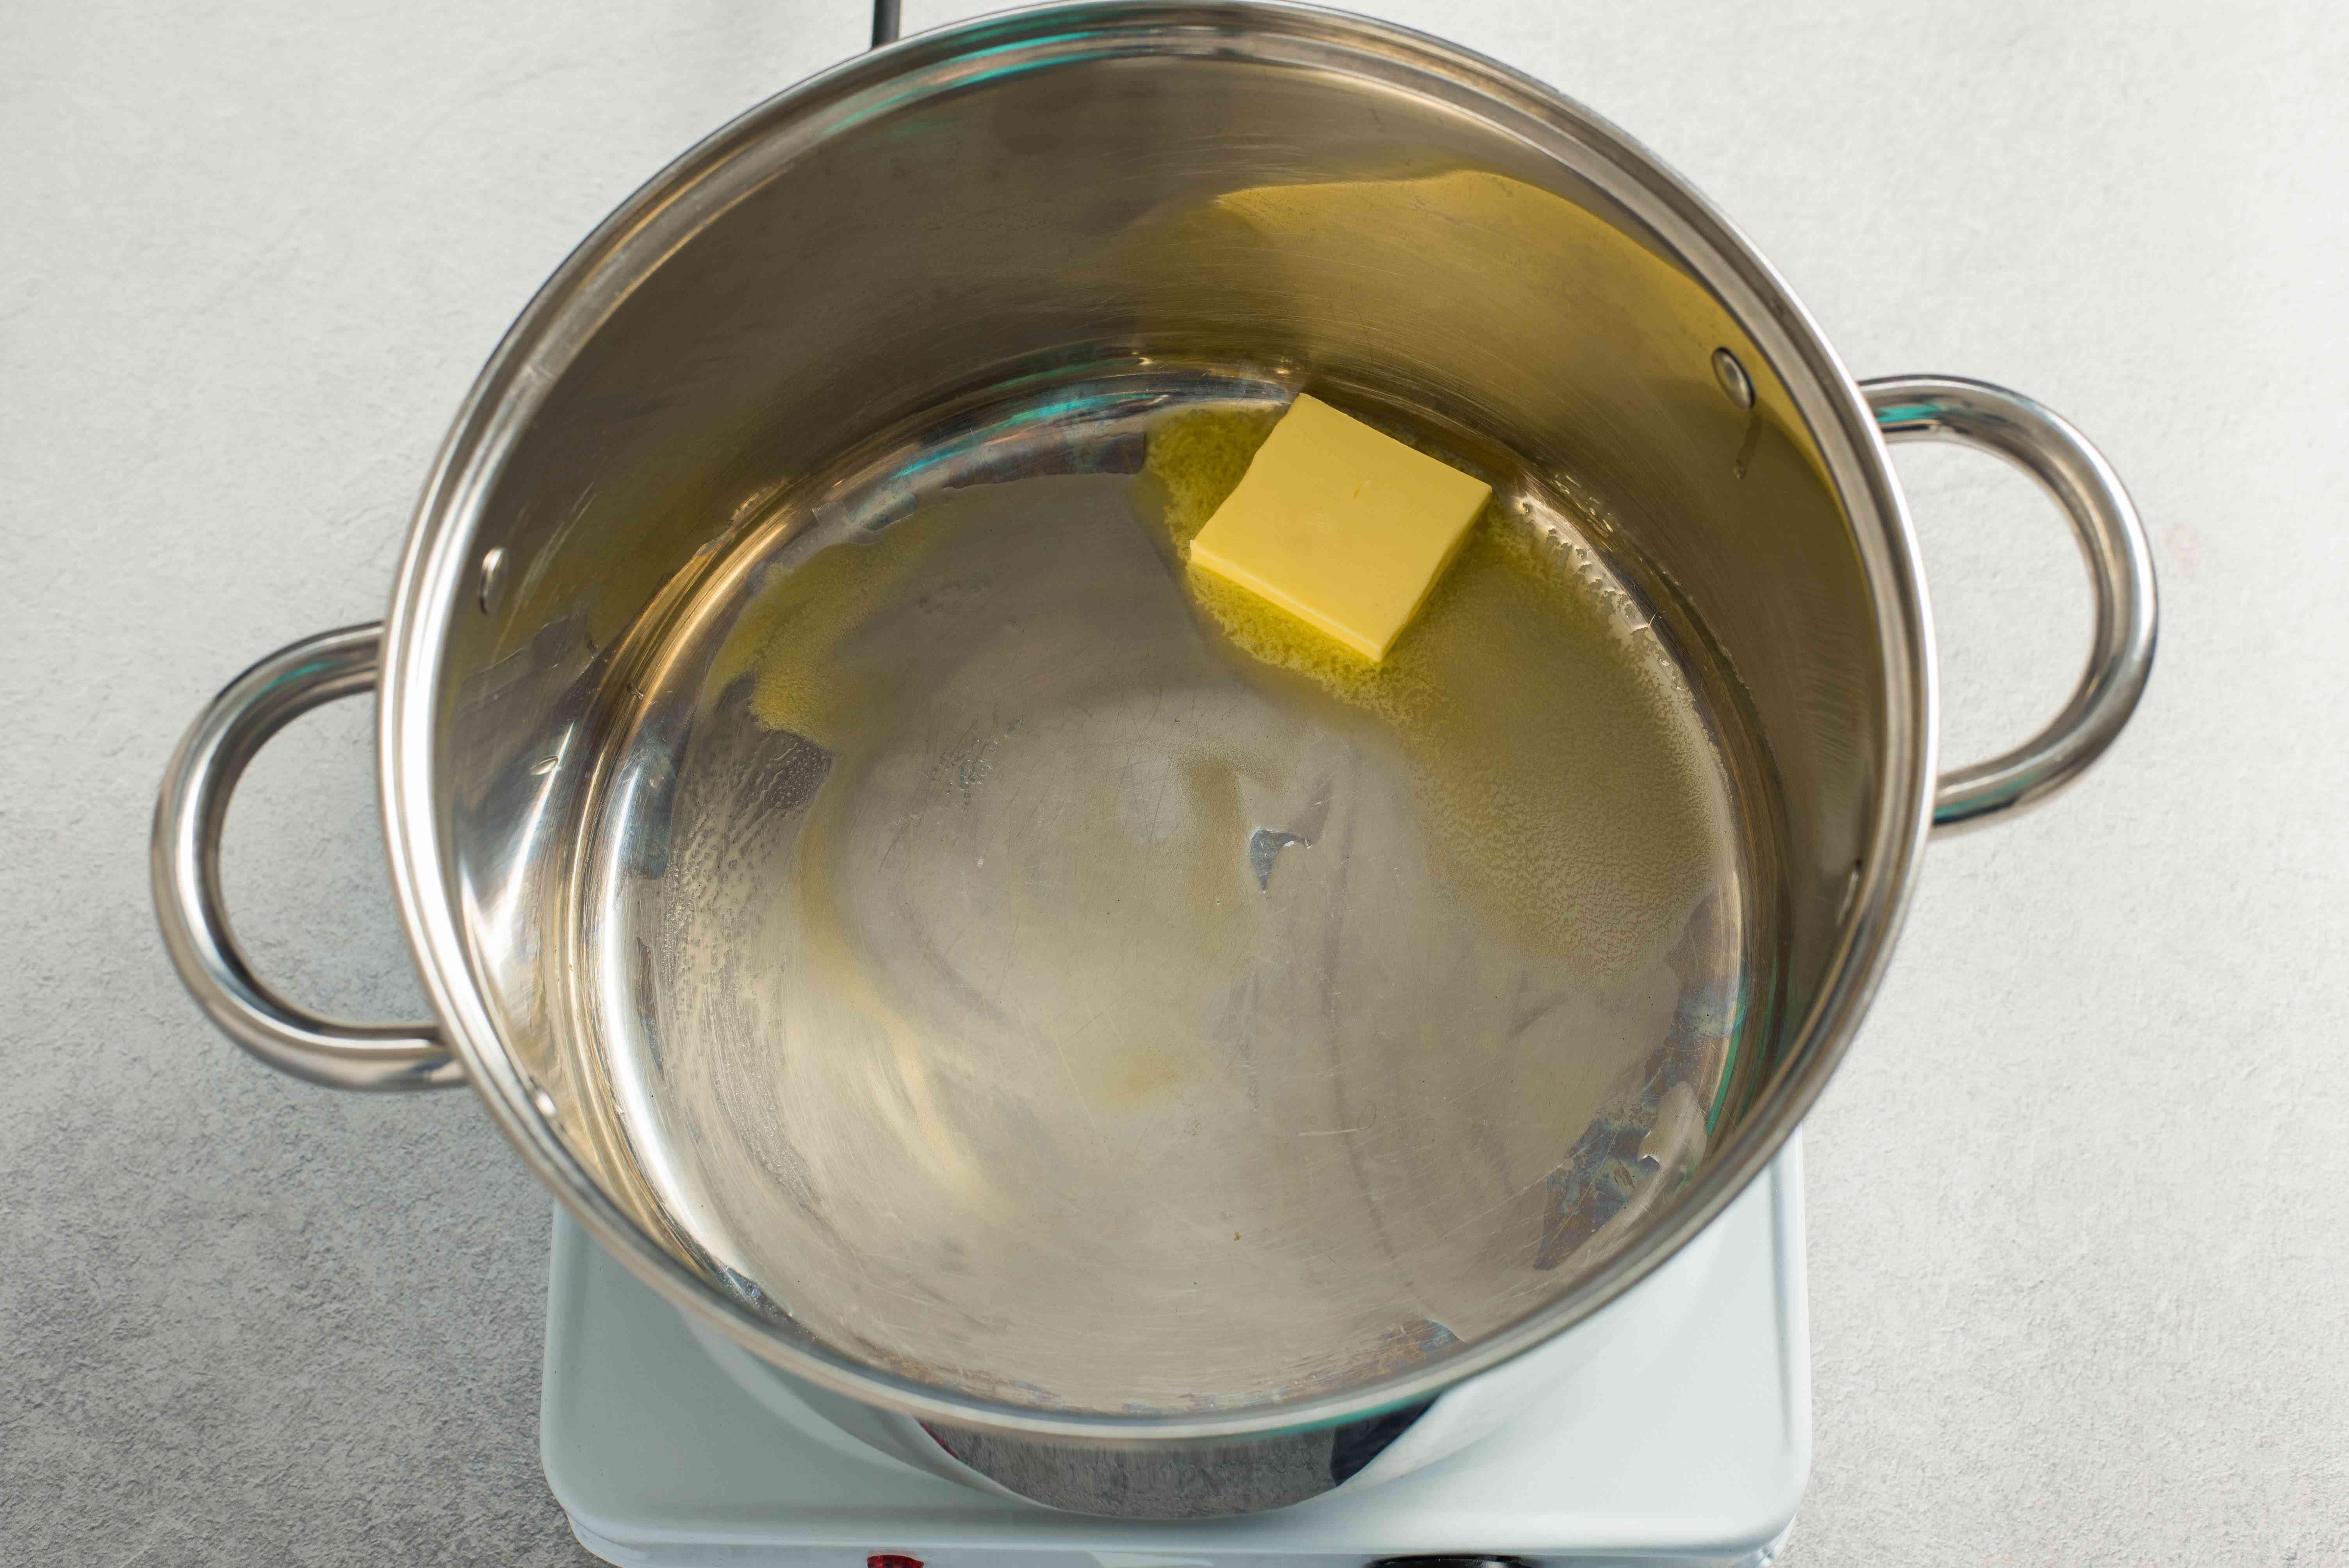 Butter melting in a pot